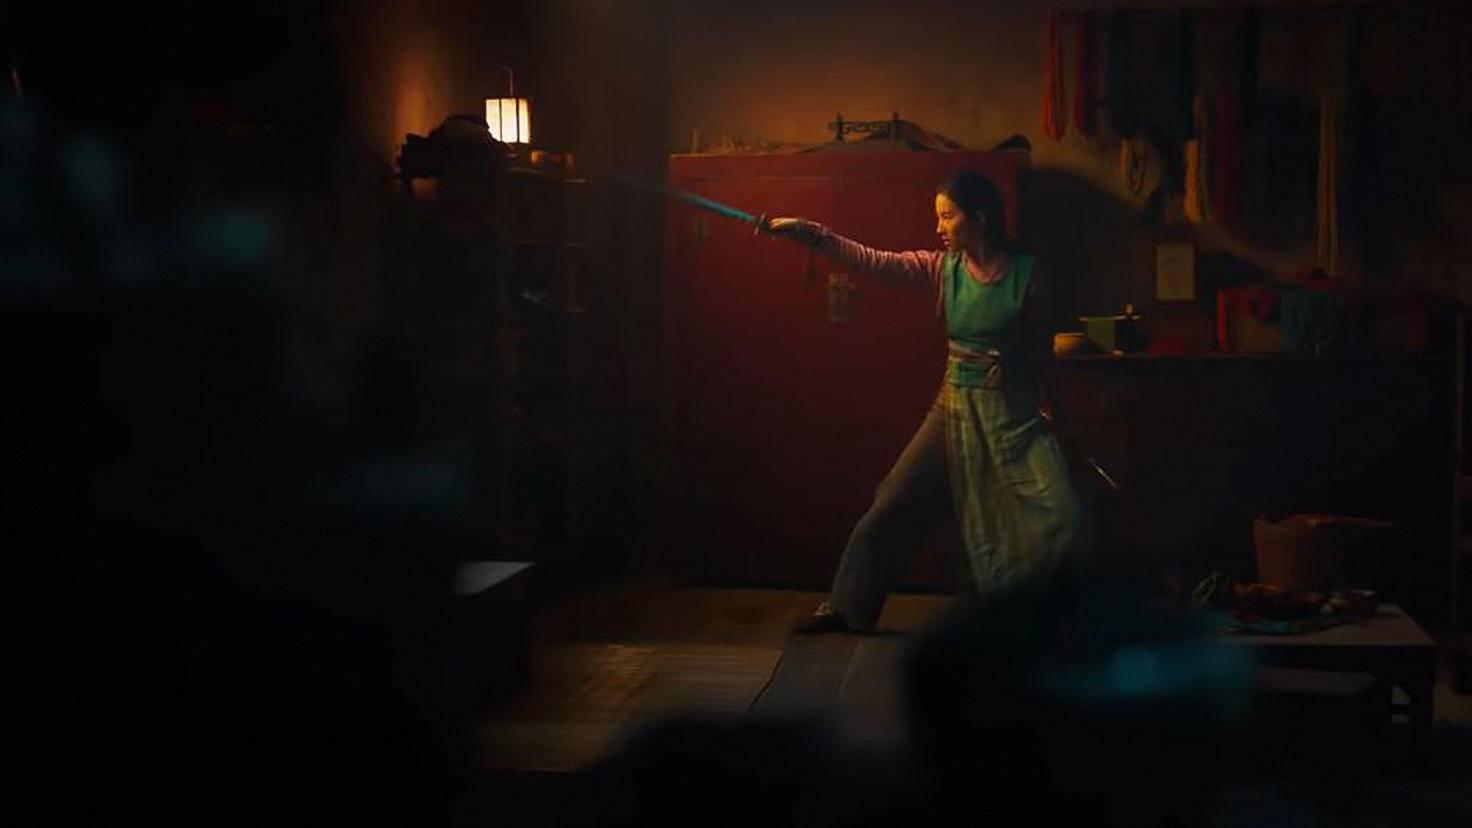 ... übt Mulan zu Hause heimlich mit dem Schwert ihres Vaters. Zumindest diese Szene kennen wir.